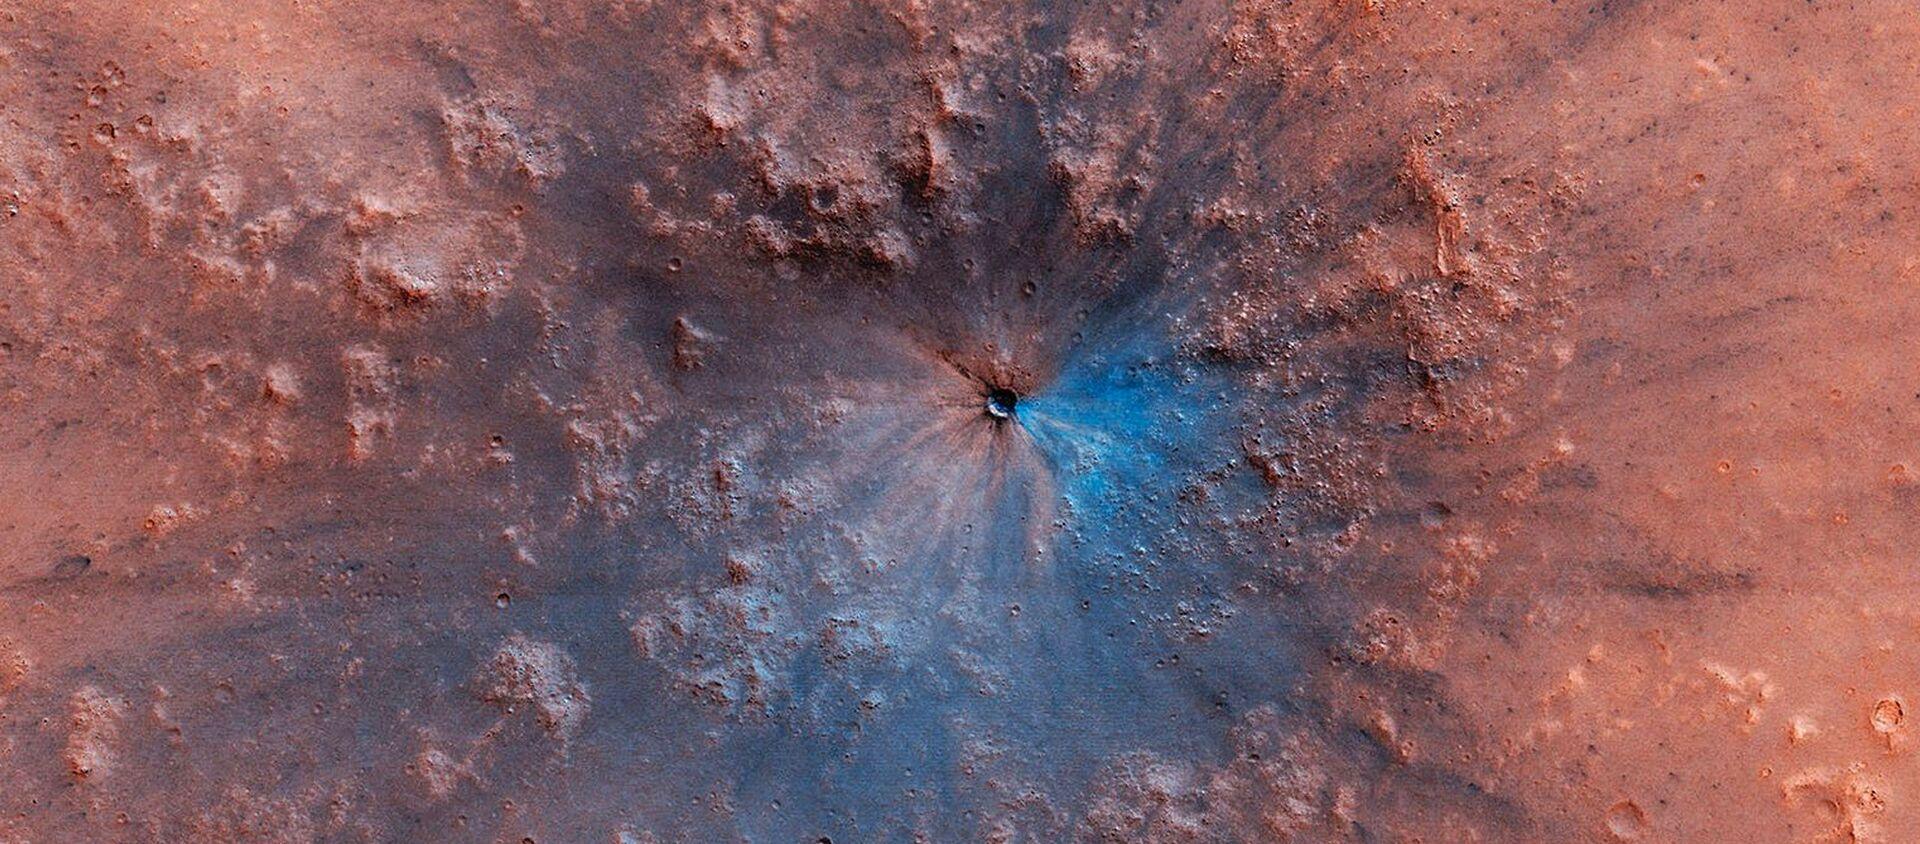 Mars vyfocený stanicí Mars Reconnaissance Orbiter - Sputnik Česká republika, 1920, 05.02.2021